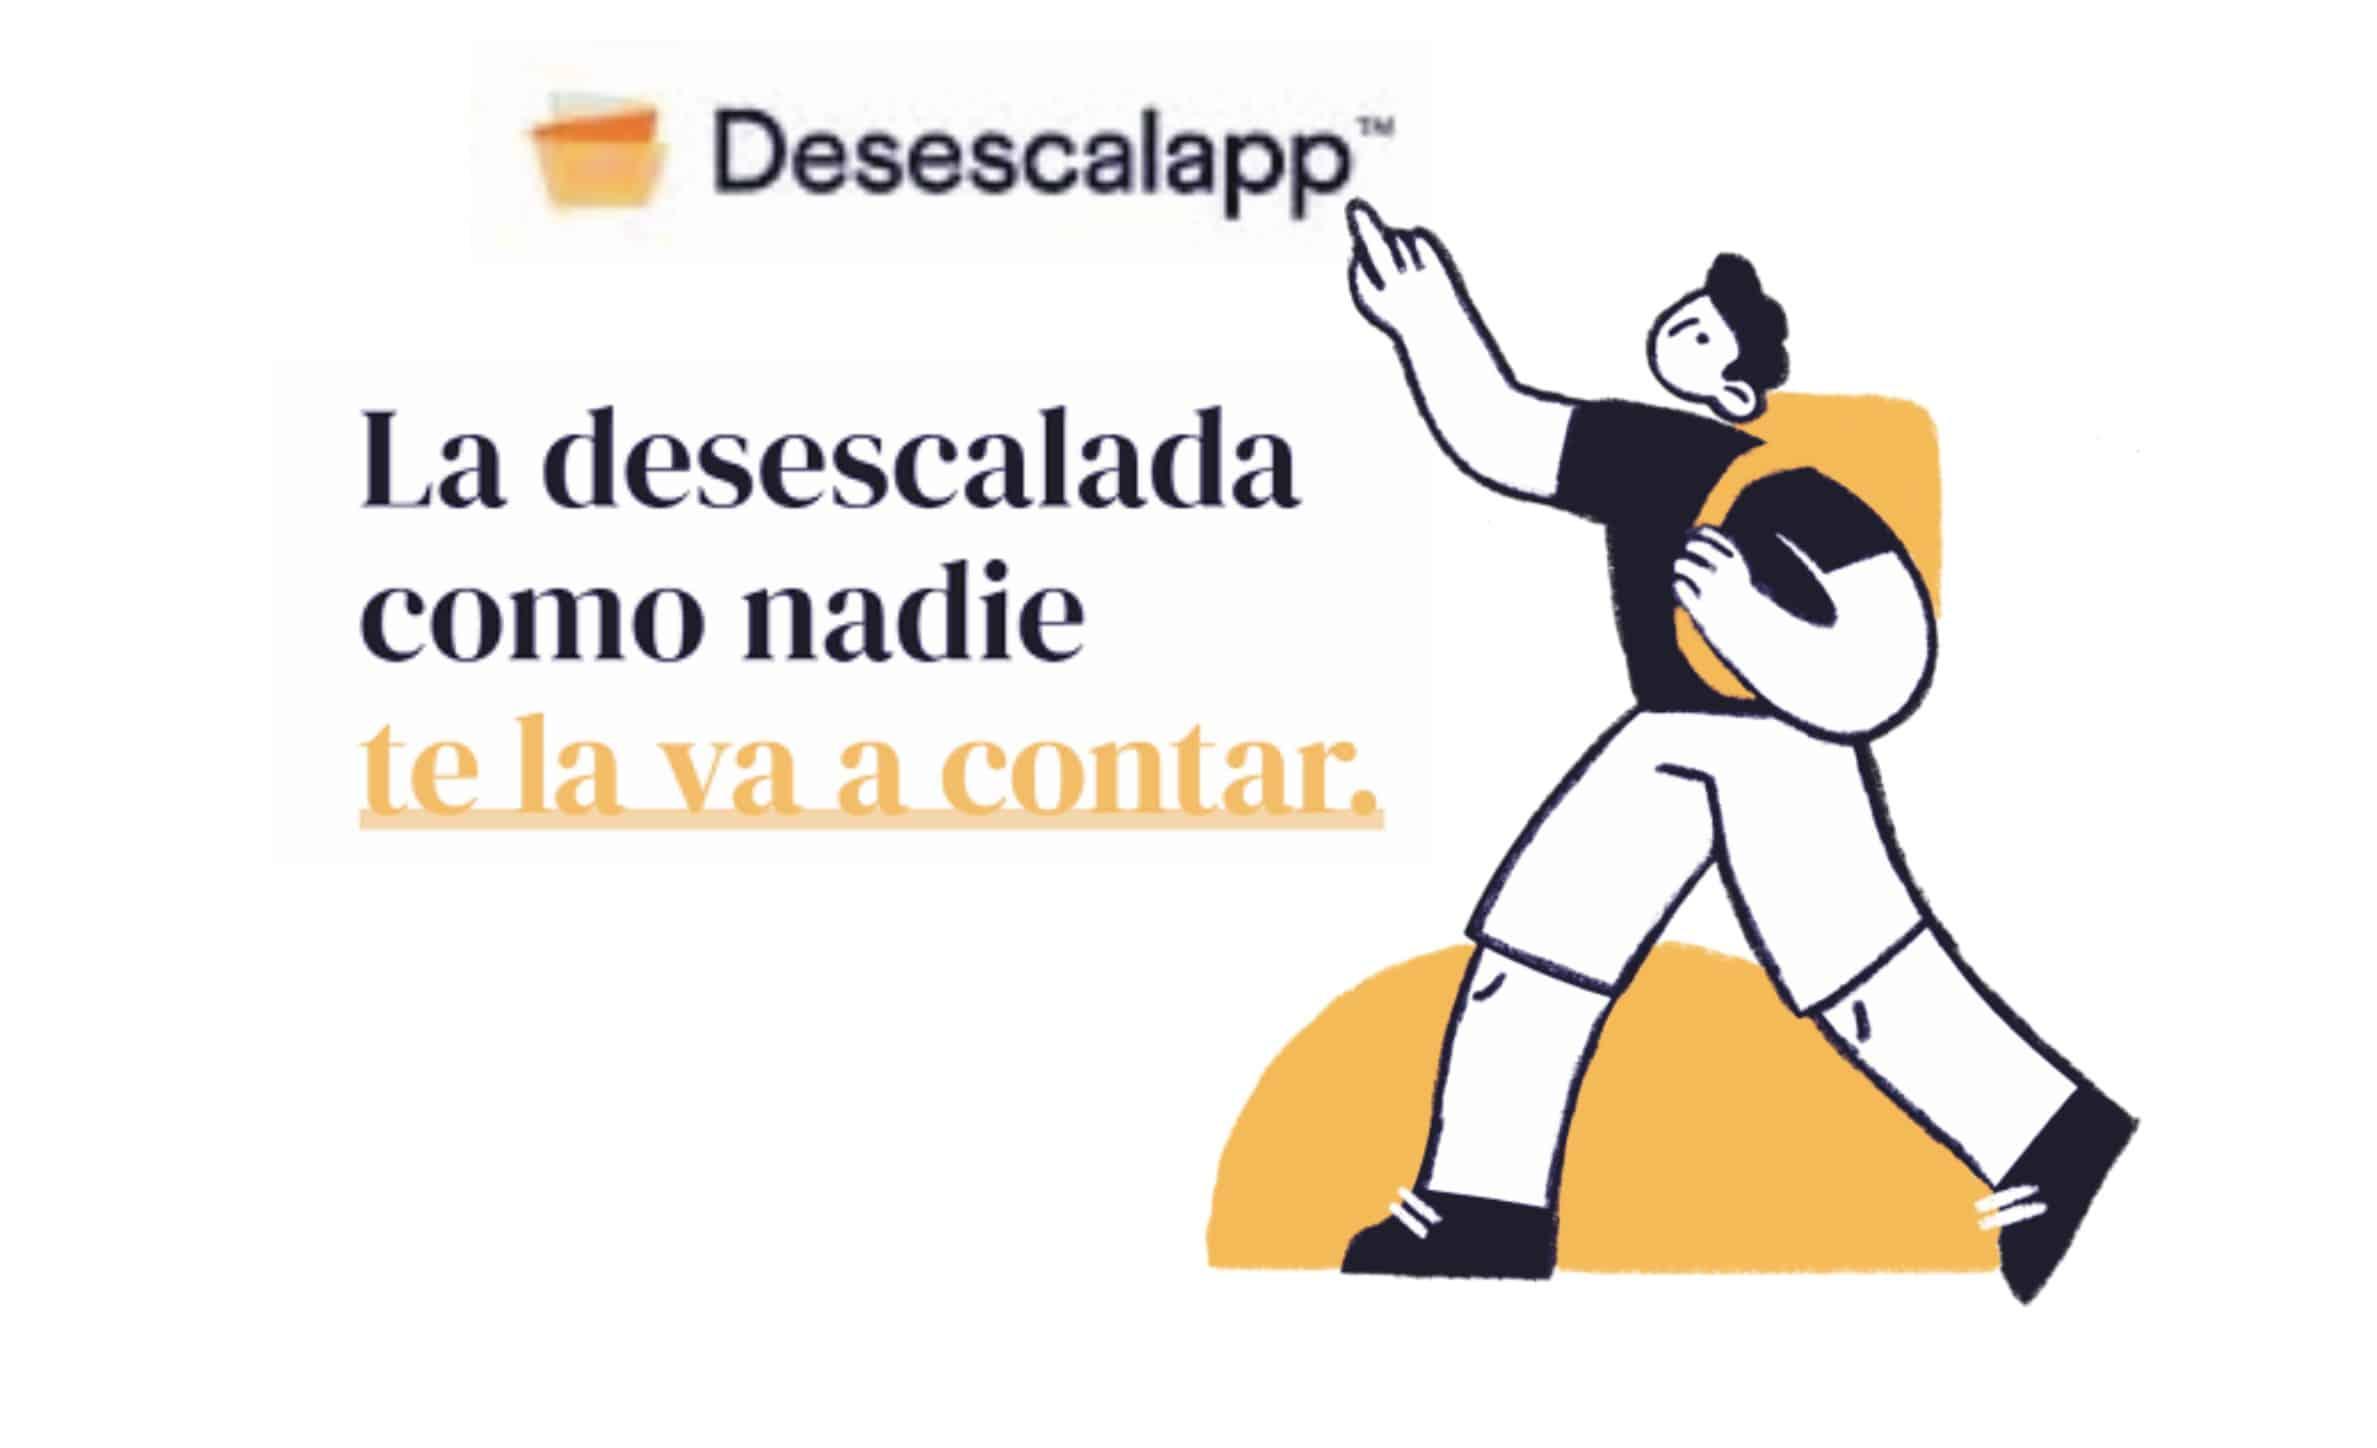 Desescalapp te dice qué puedes hacer en la desescalada según tu lugar de residencia - novedades, destacado